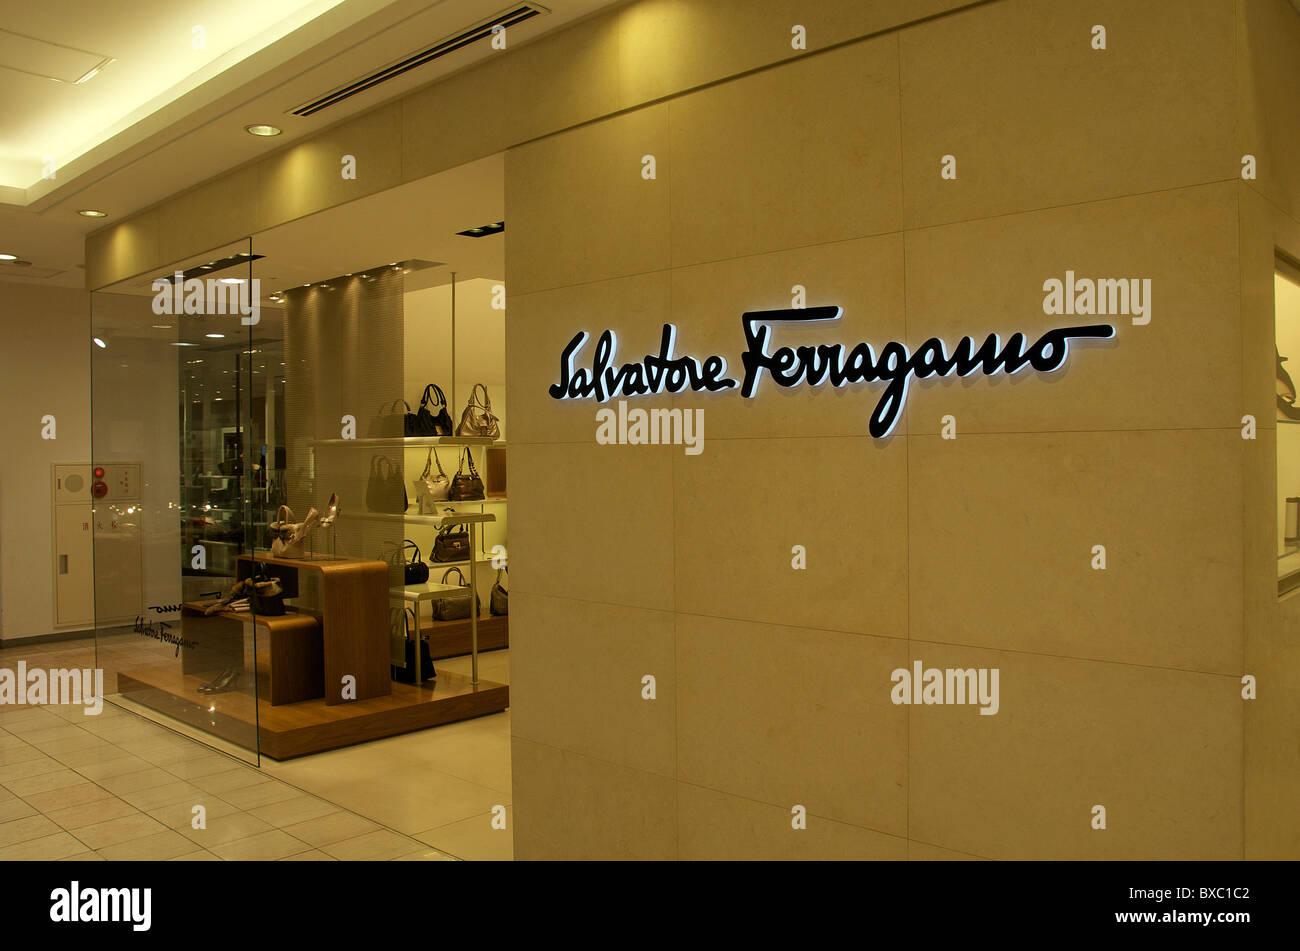 Salvatore Ferragamo store, Shinjuku, Tokyo, Japan - Stock Image